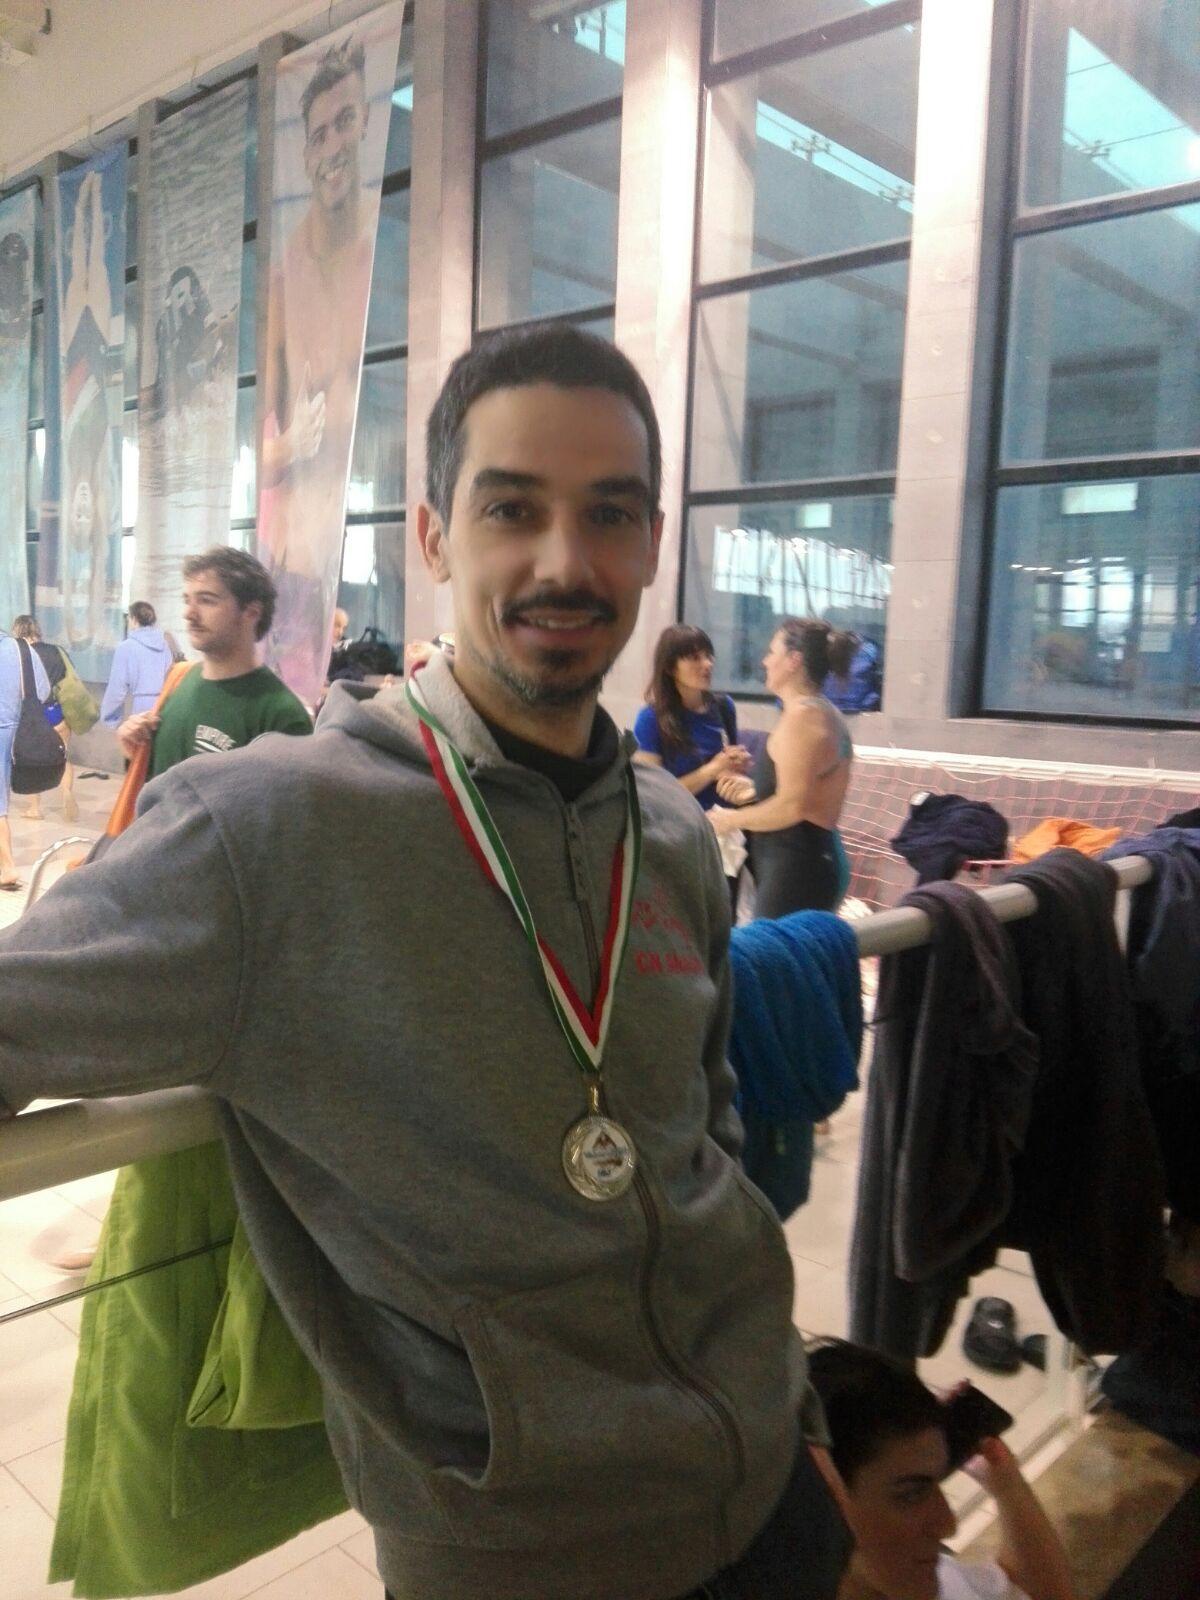 Centro Nuoto Anagni, argento per Giuliano Scafoni ai Campionati Regionali Master 2018